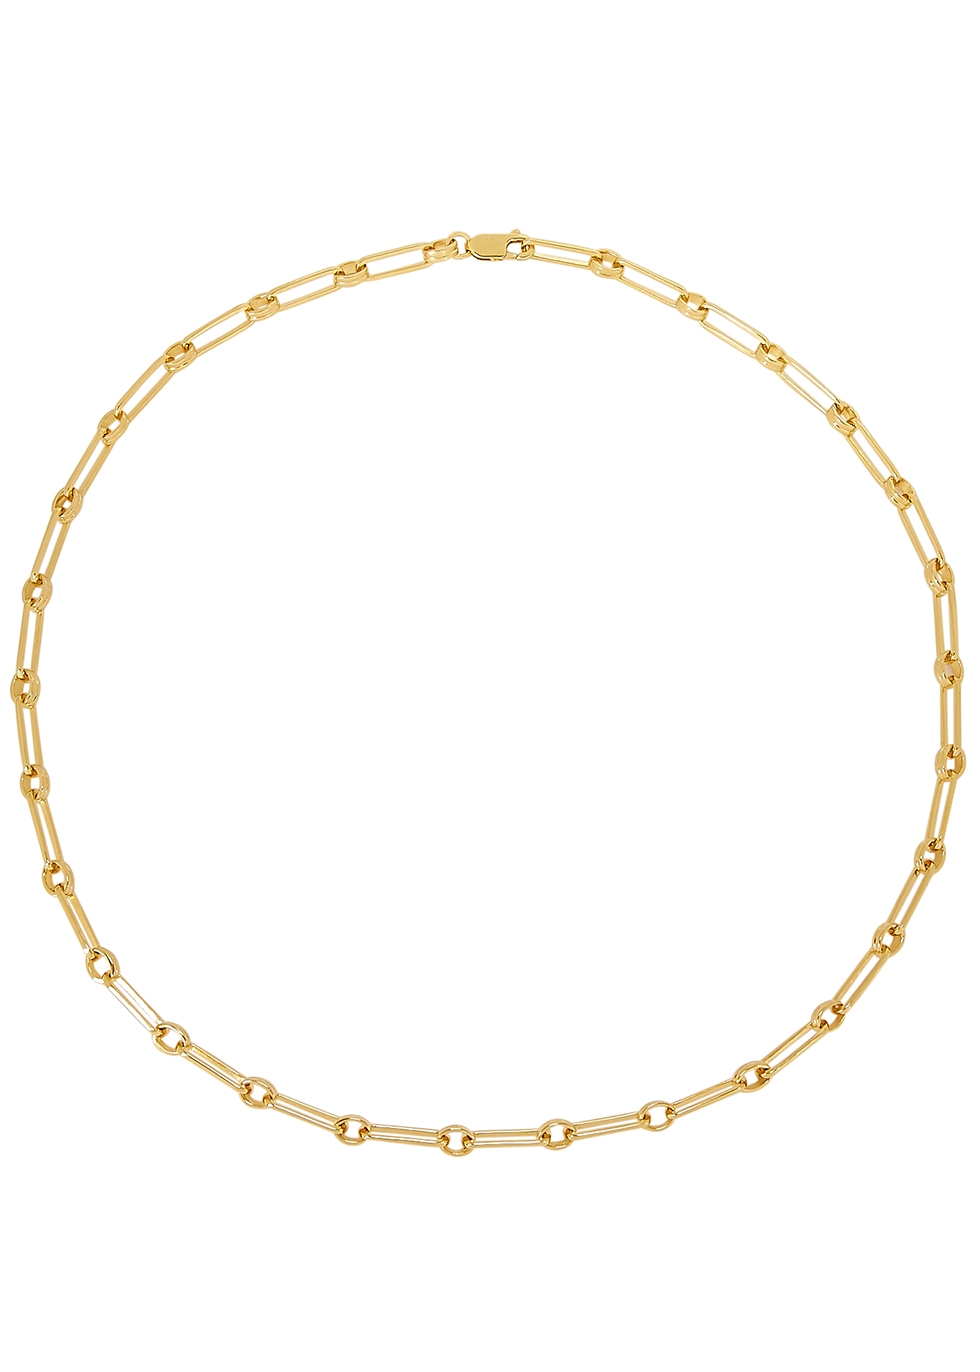 Aegis gold vermeil necklace